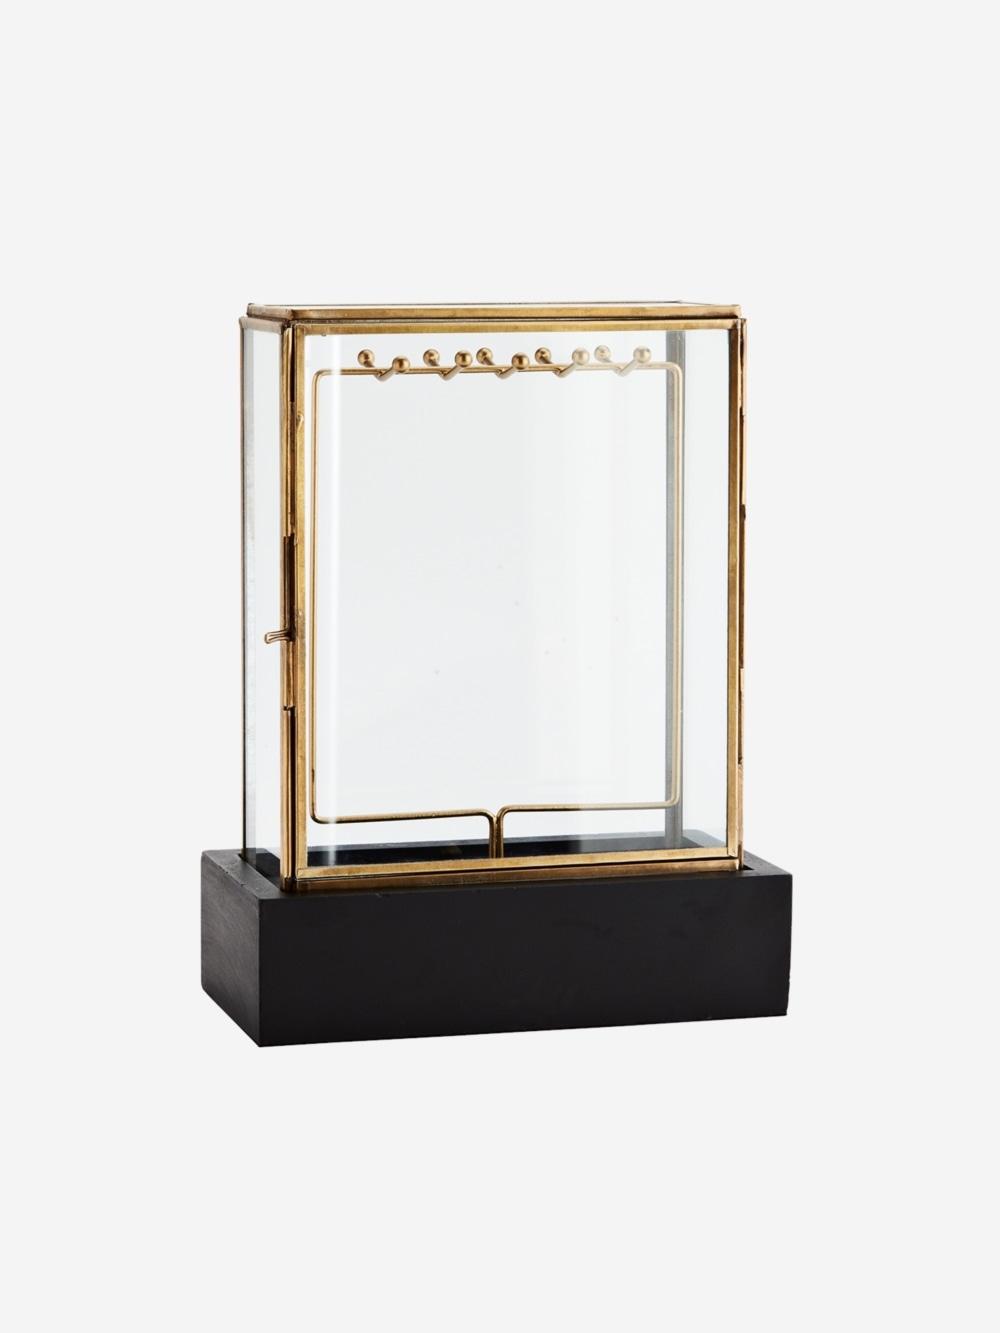 Joyero Expositor Black Wooden, hecho en metal y cristal